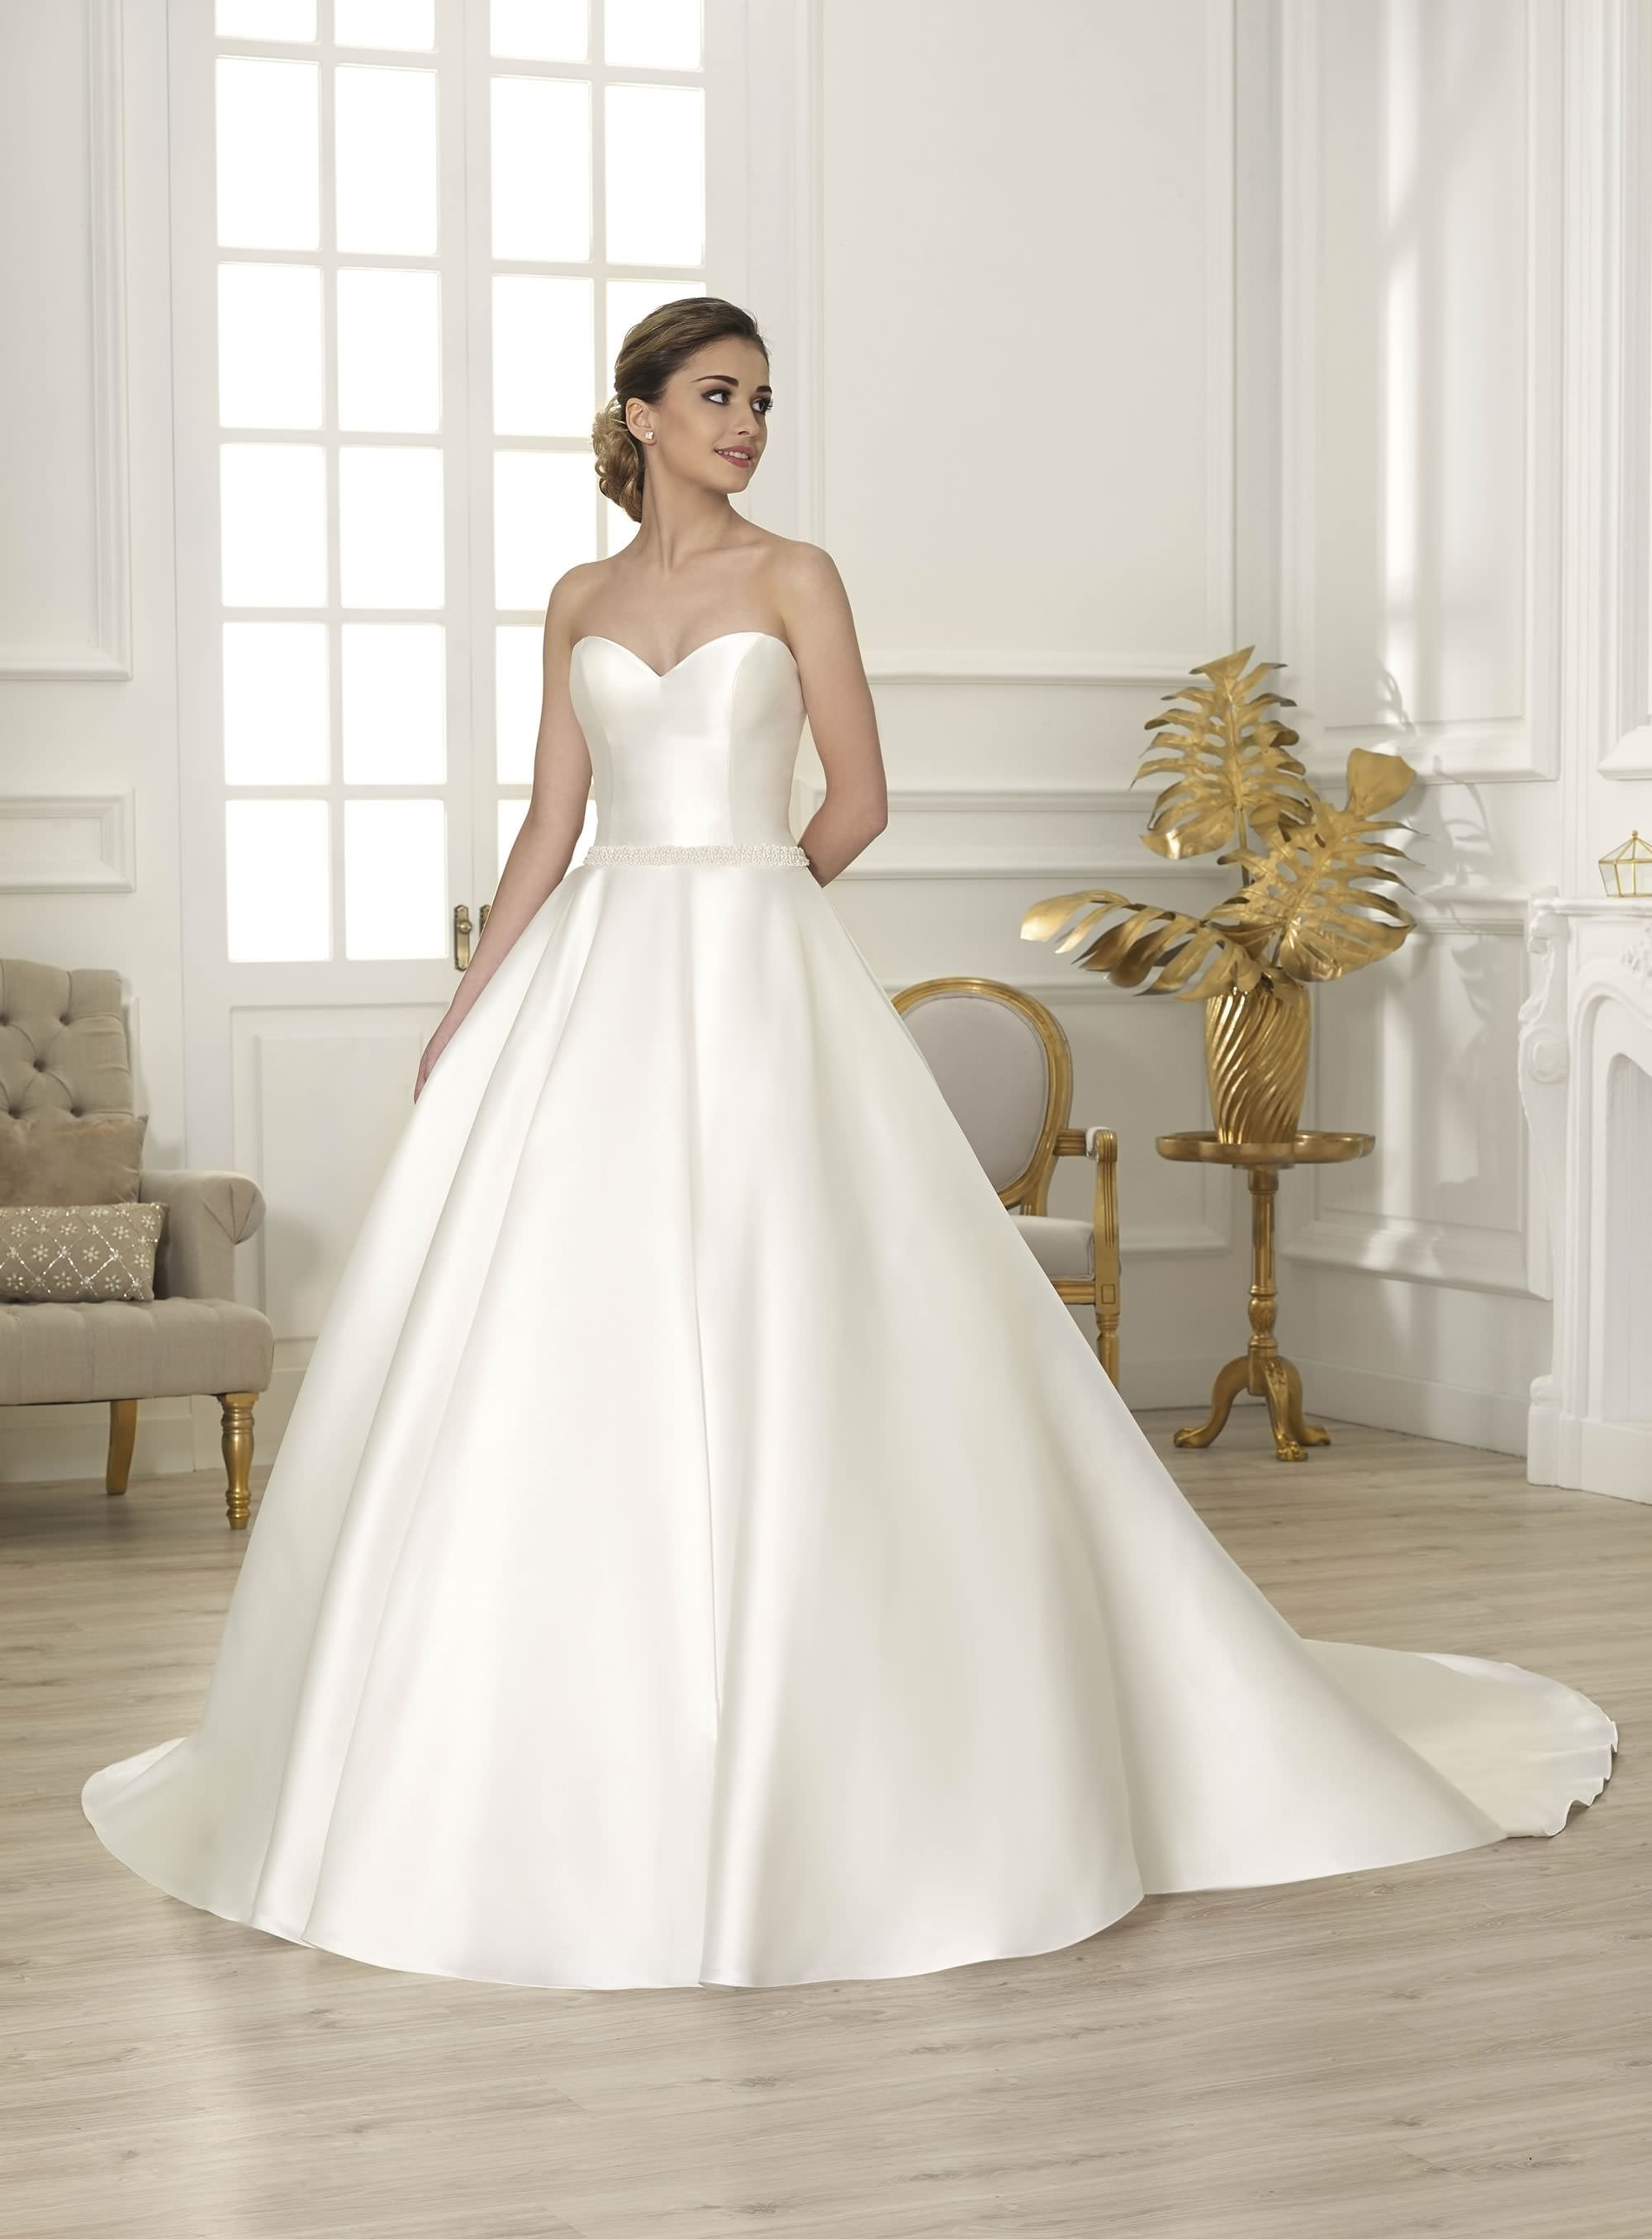 ba21f6b5f TodoBoda.com - 10 vestidos de novia de corte princesa